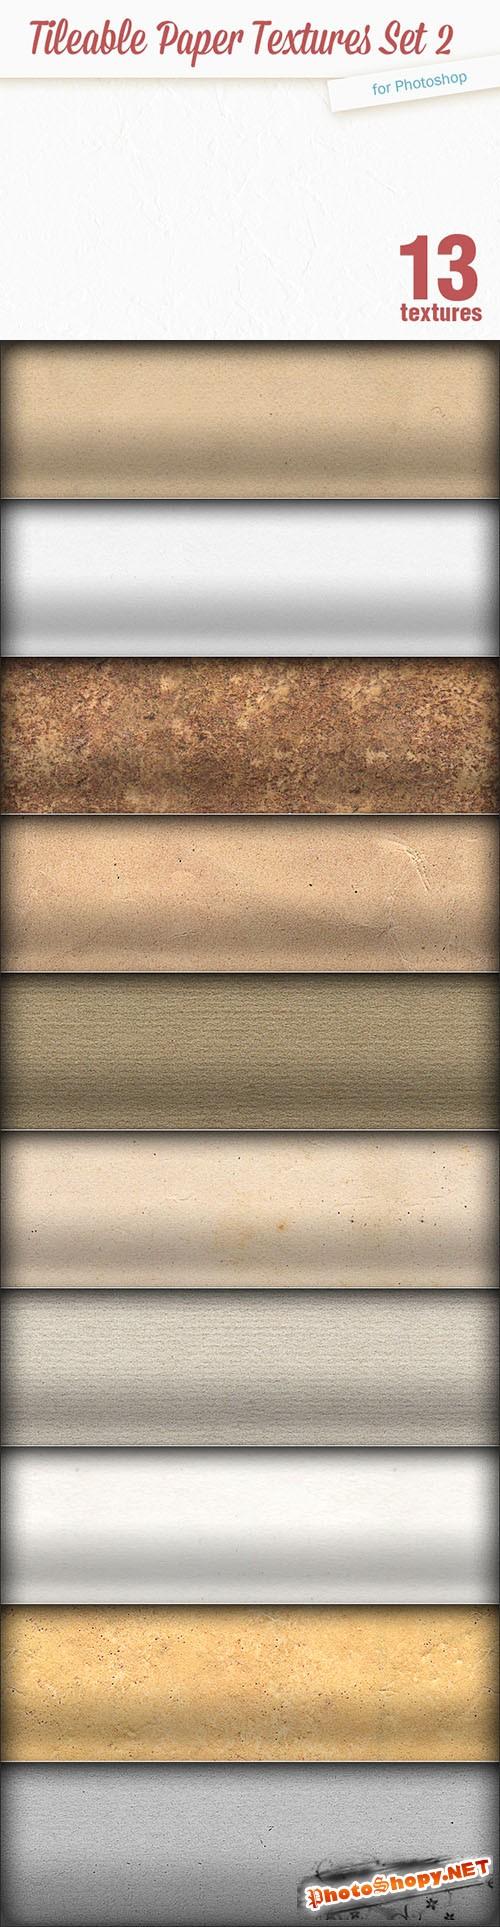 13 Tileable Paper Textures